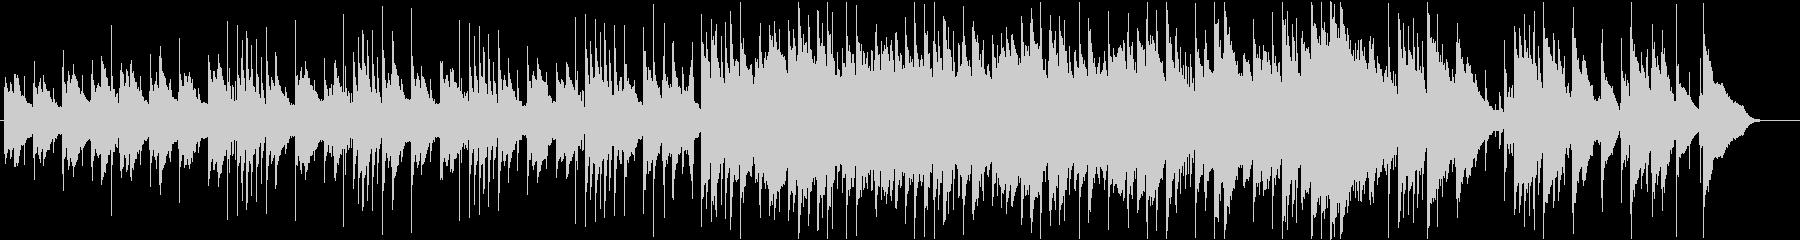 和楽器が印象的な3拍子バラードの未再生の波形